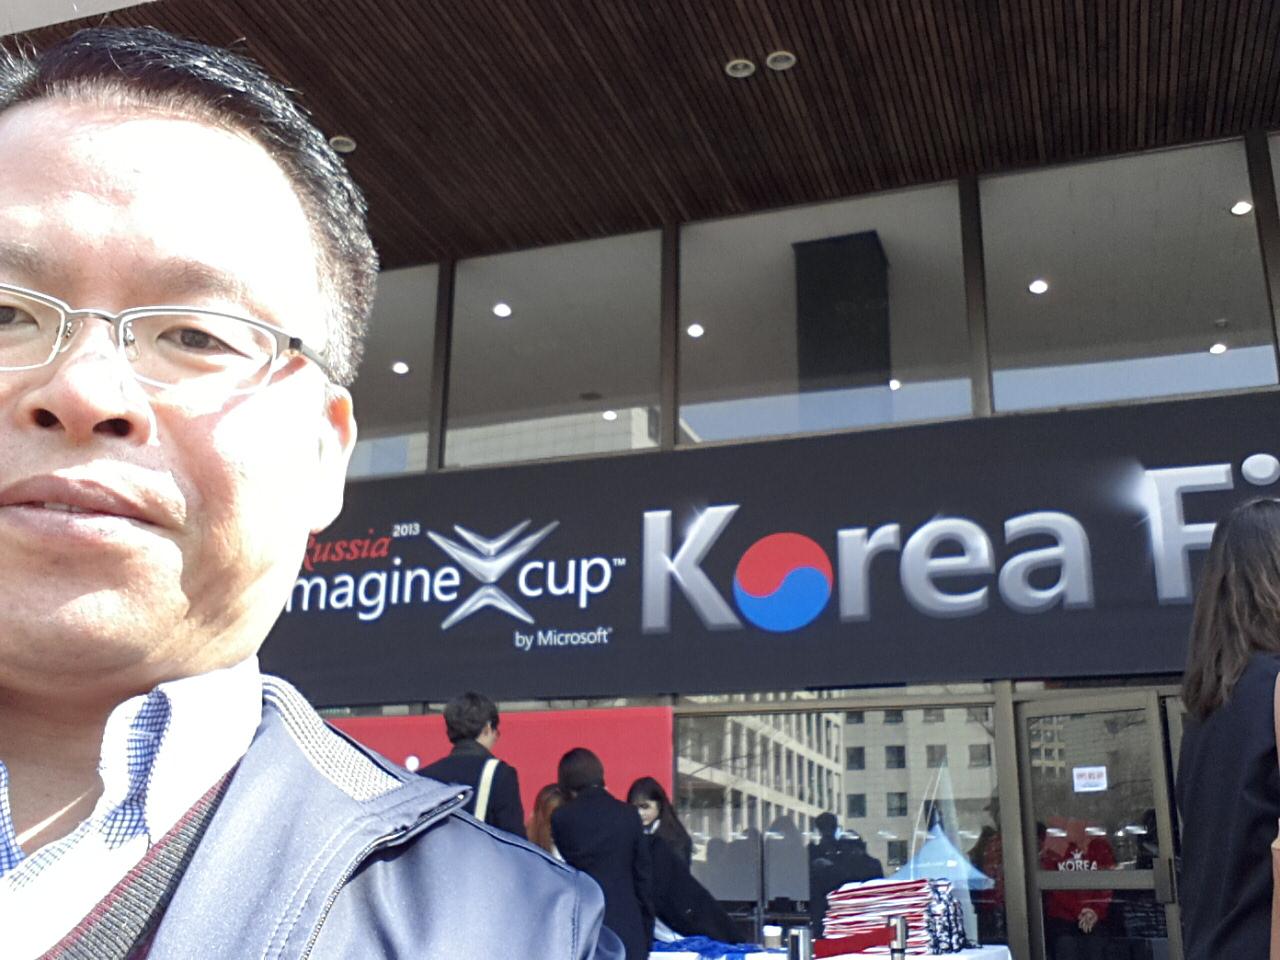 마이크로소프트 이매진컵 심사위원으로 참관